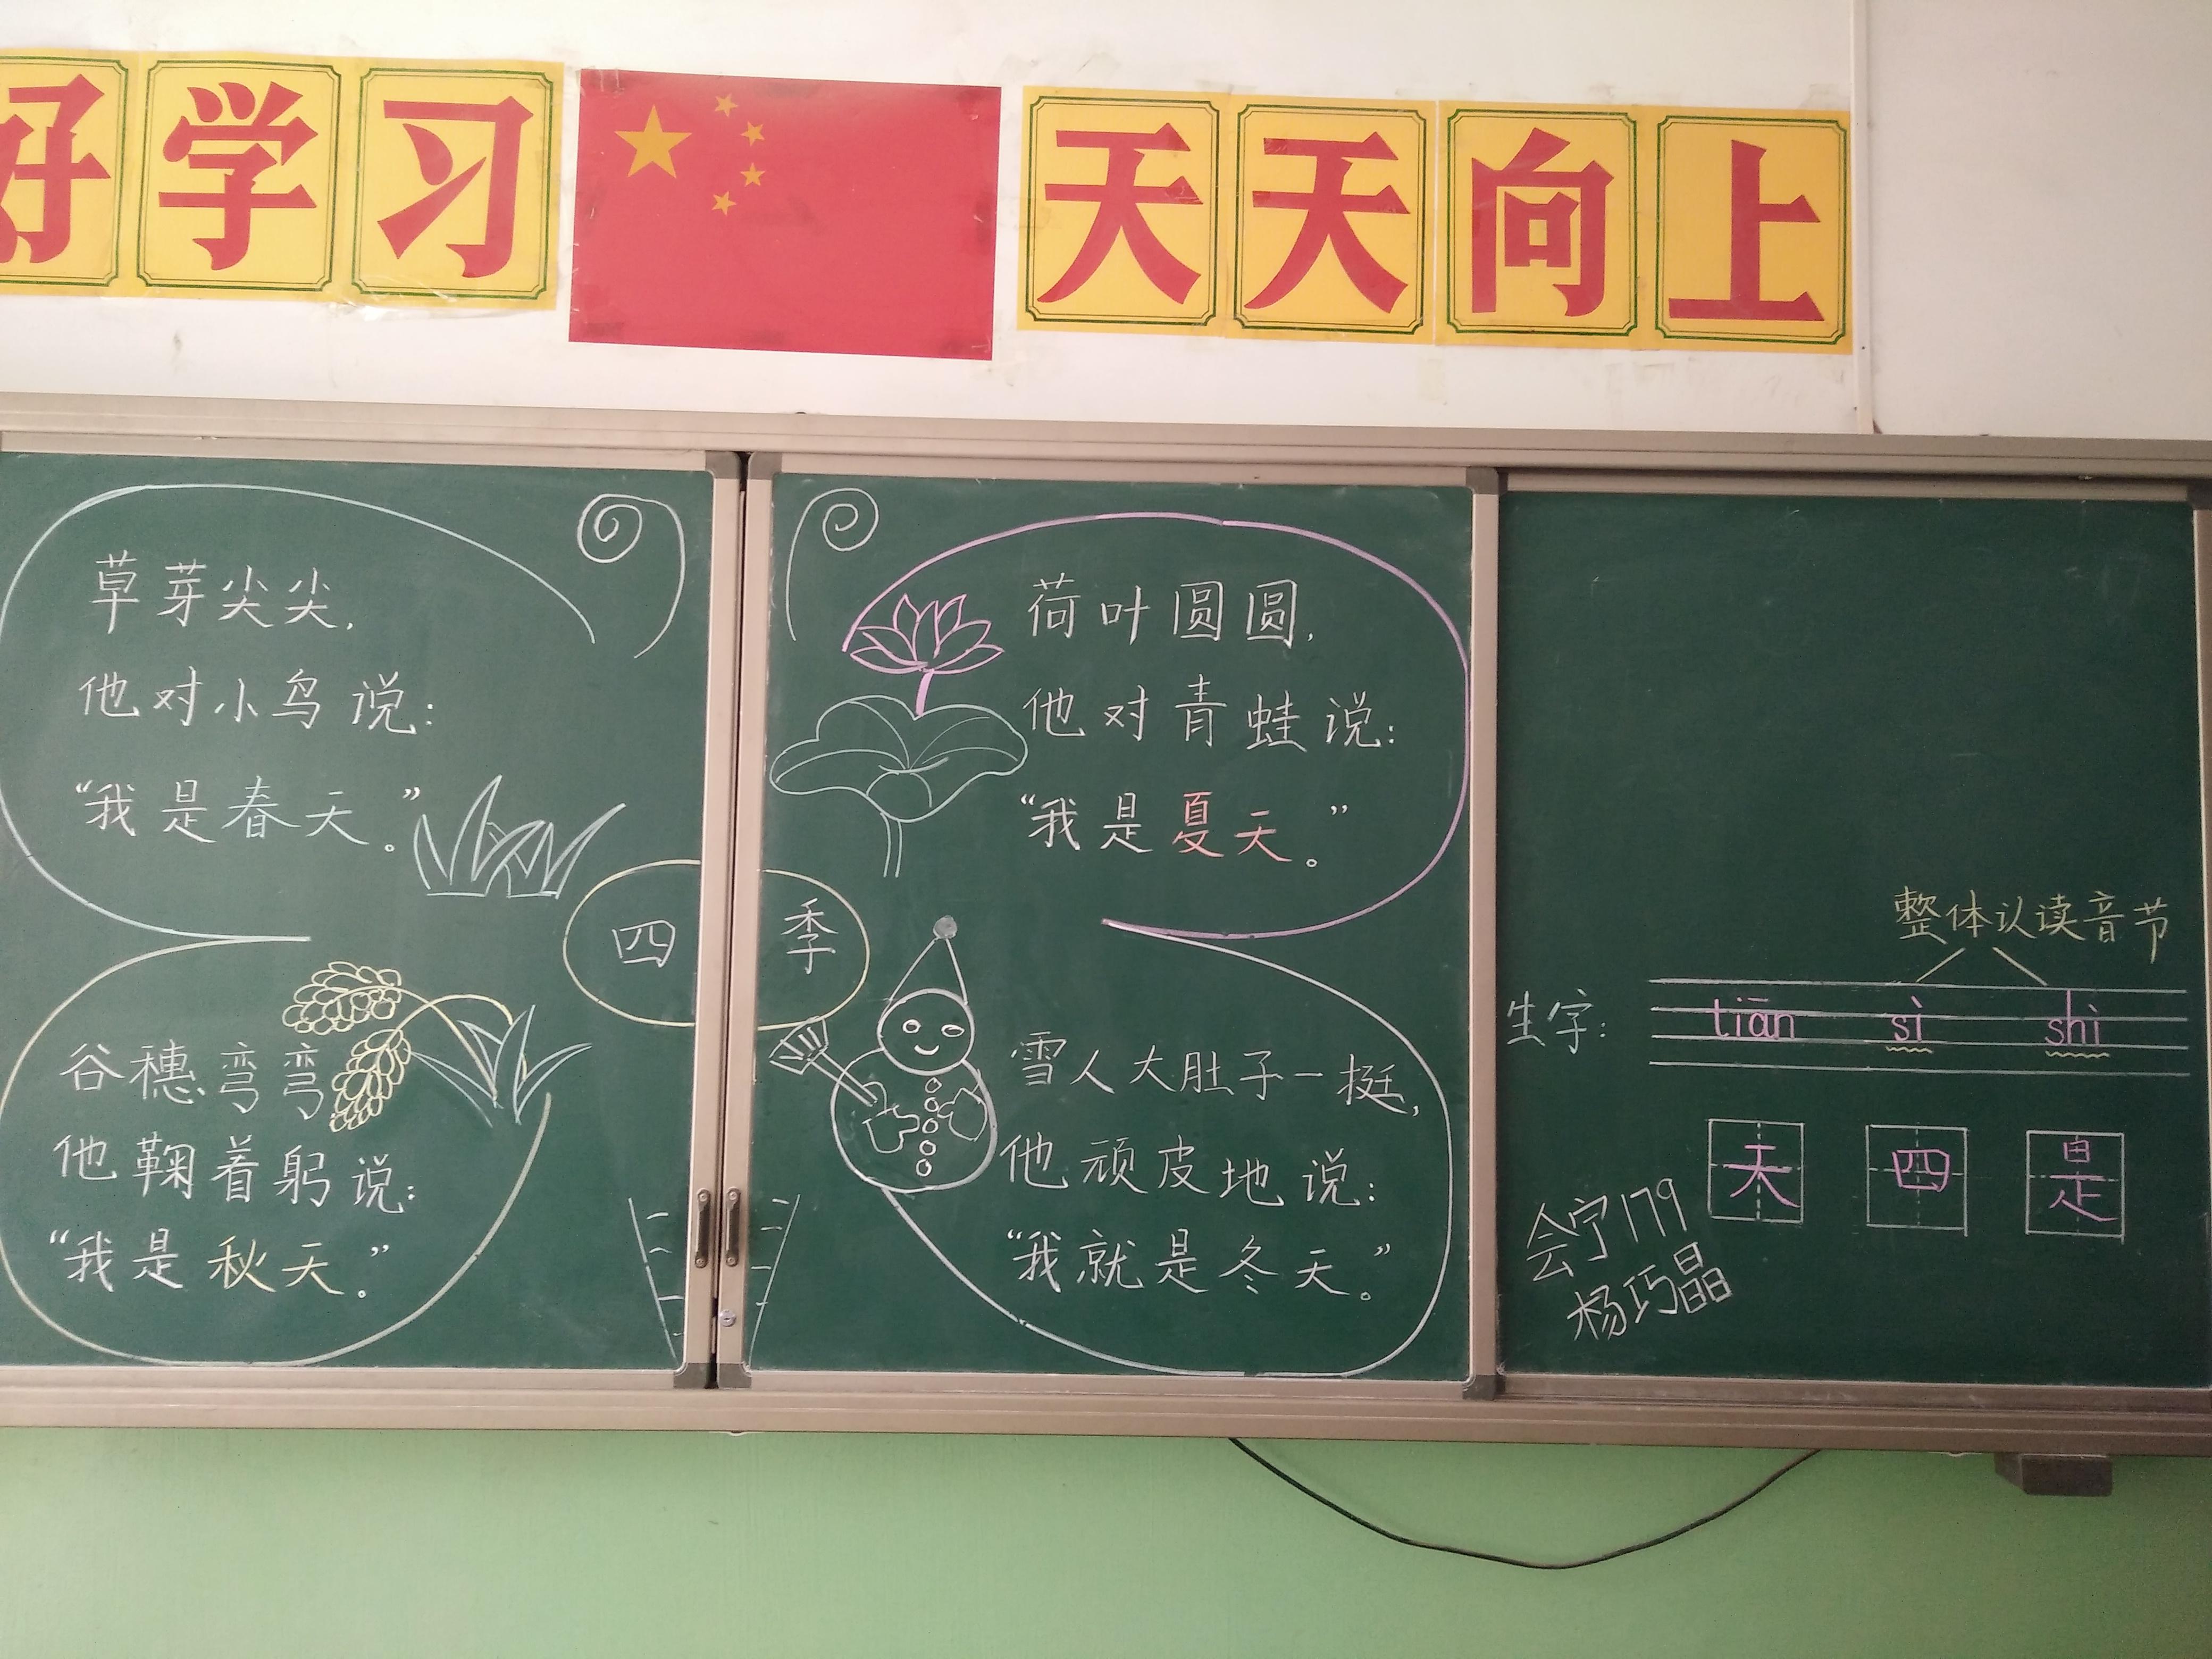 板书大赛_作文青年教师社支持乡村计划_学未来的我公益小学500字图片